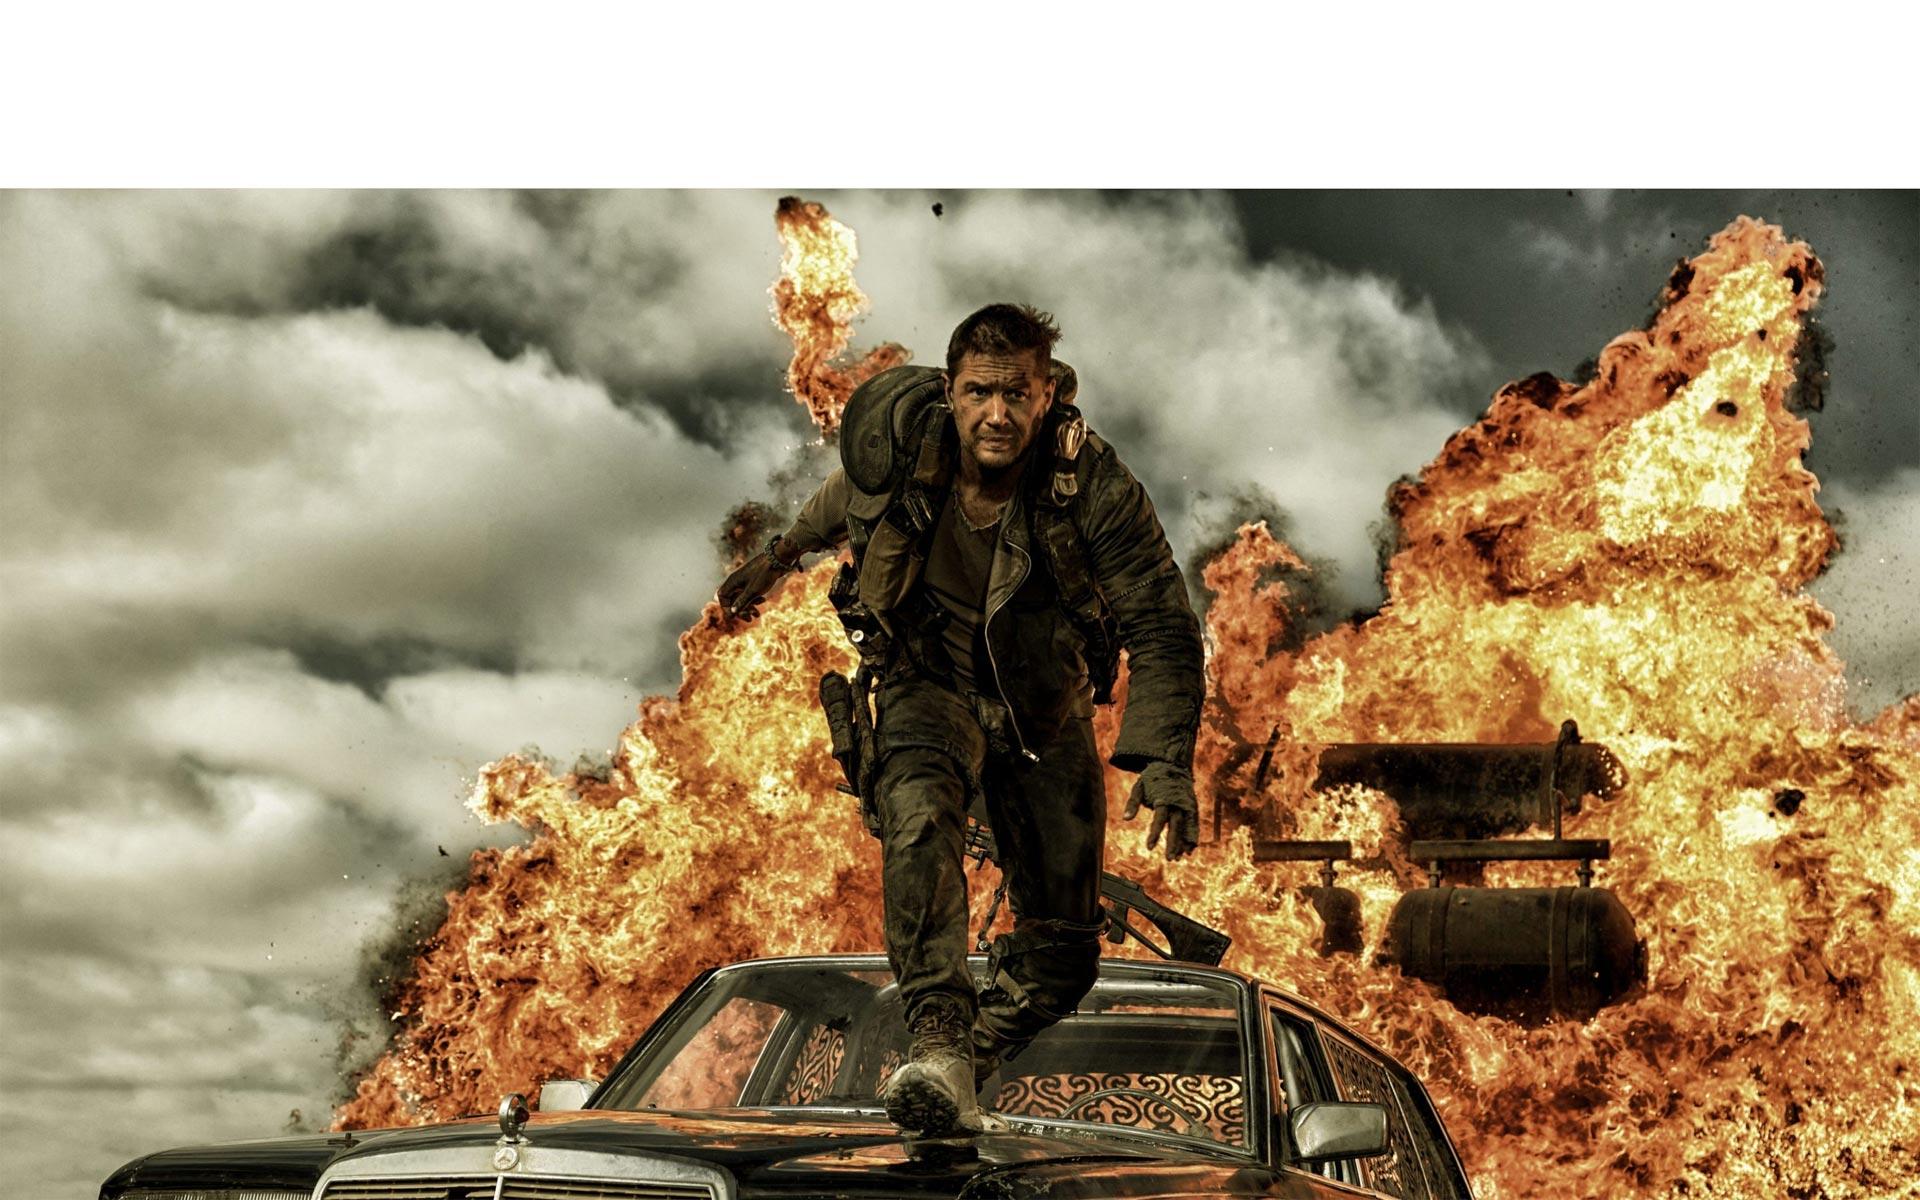 La película sigue recibiendo el beneplácito de la crítica y cosechó un nuevo galardón